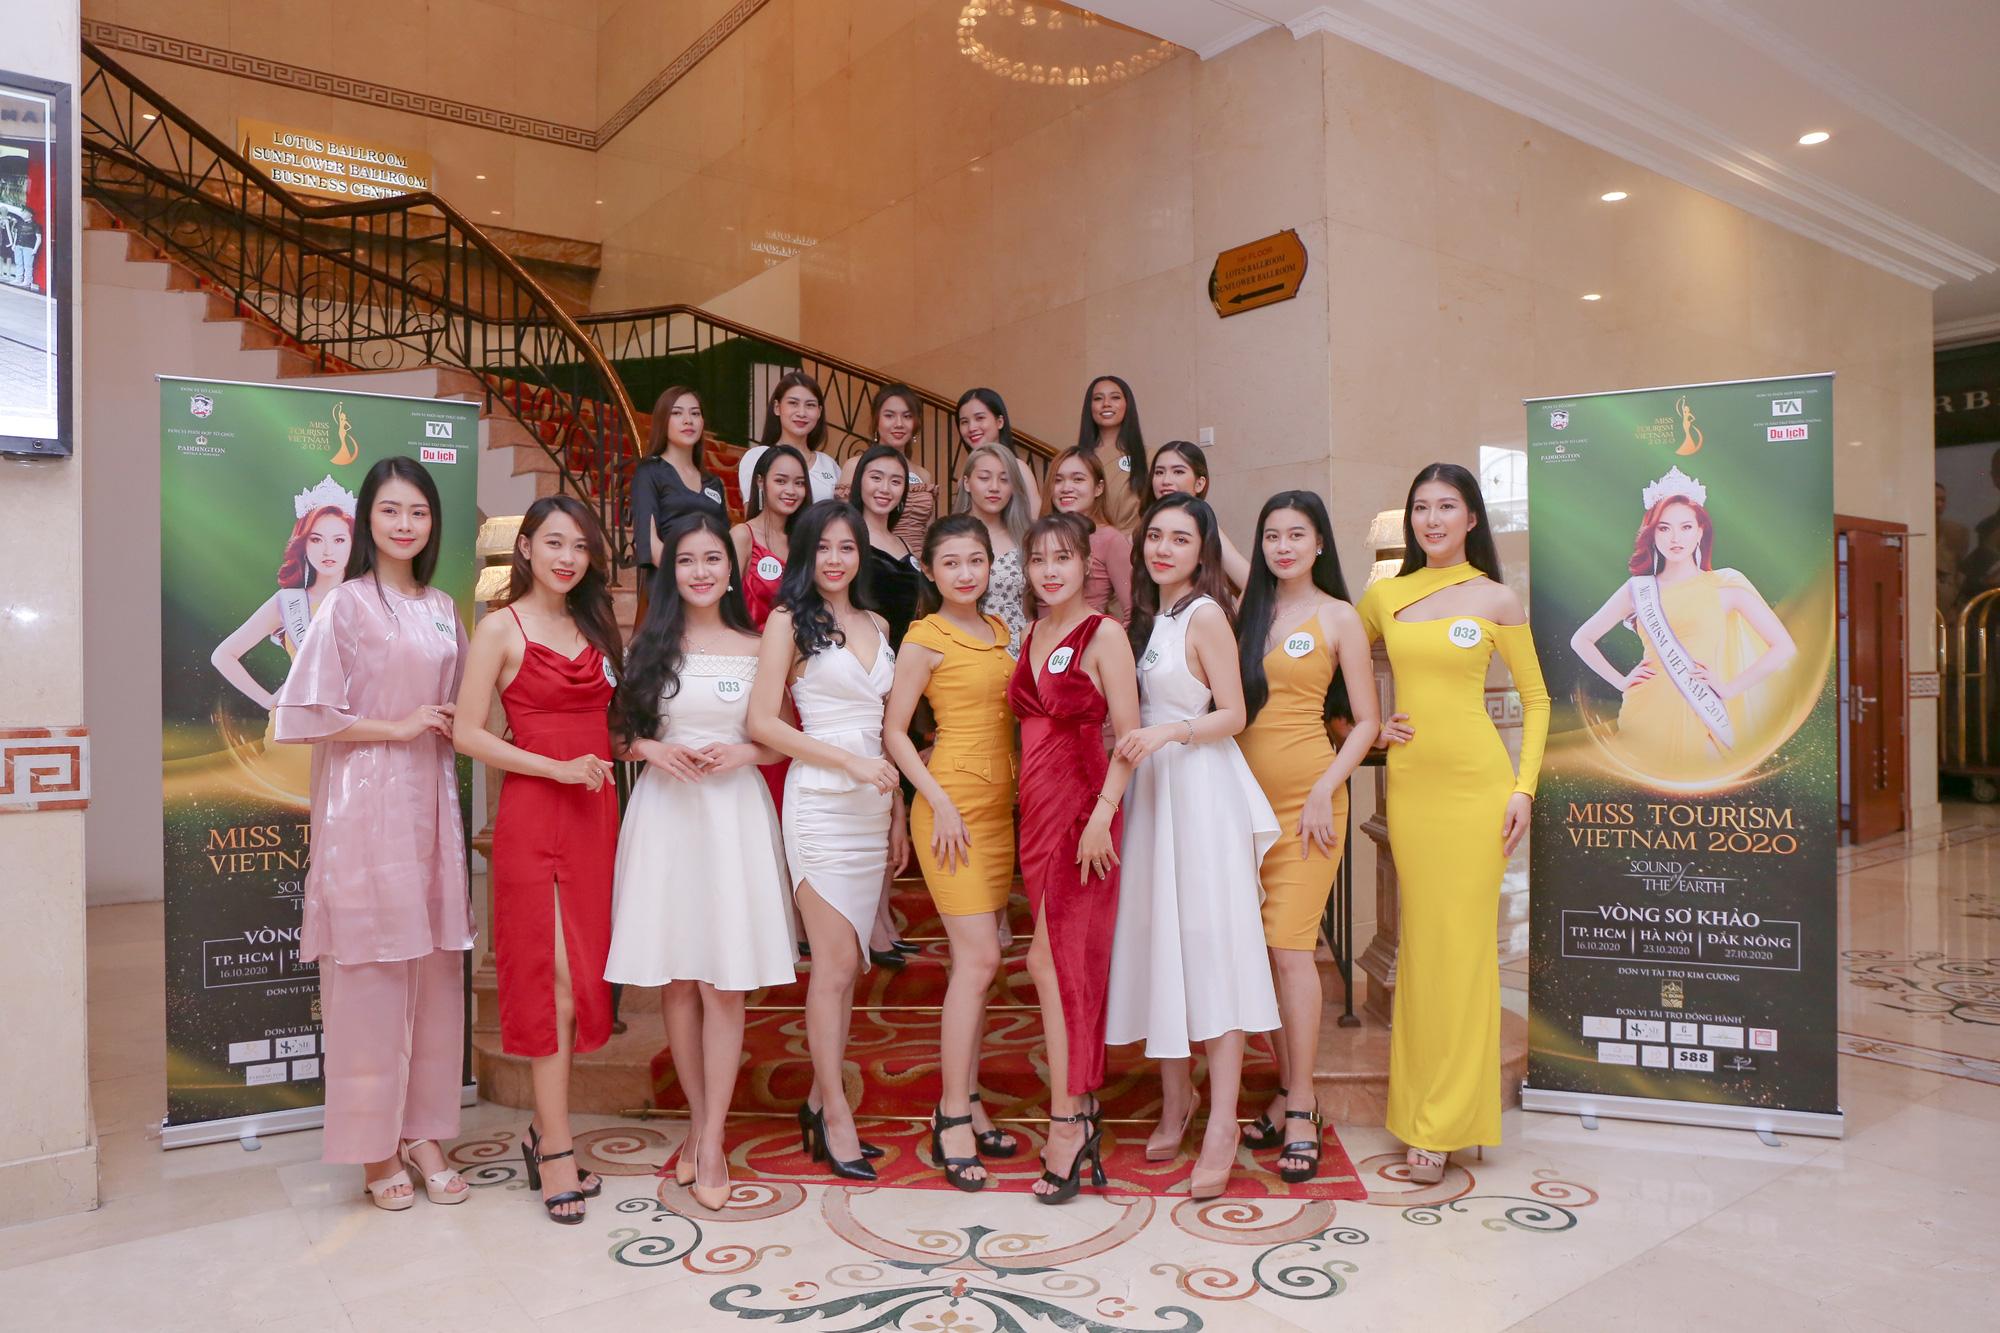 Dàn thí sinh Miss Tourism trình diễn thời trang giữa vườn treo - Ảnh 3.